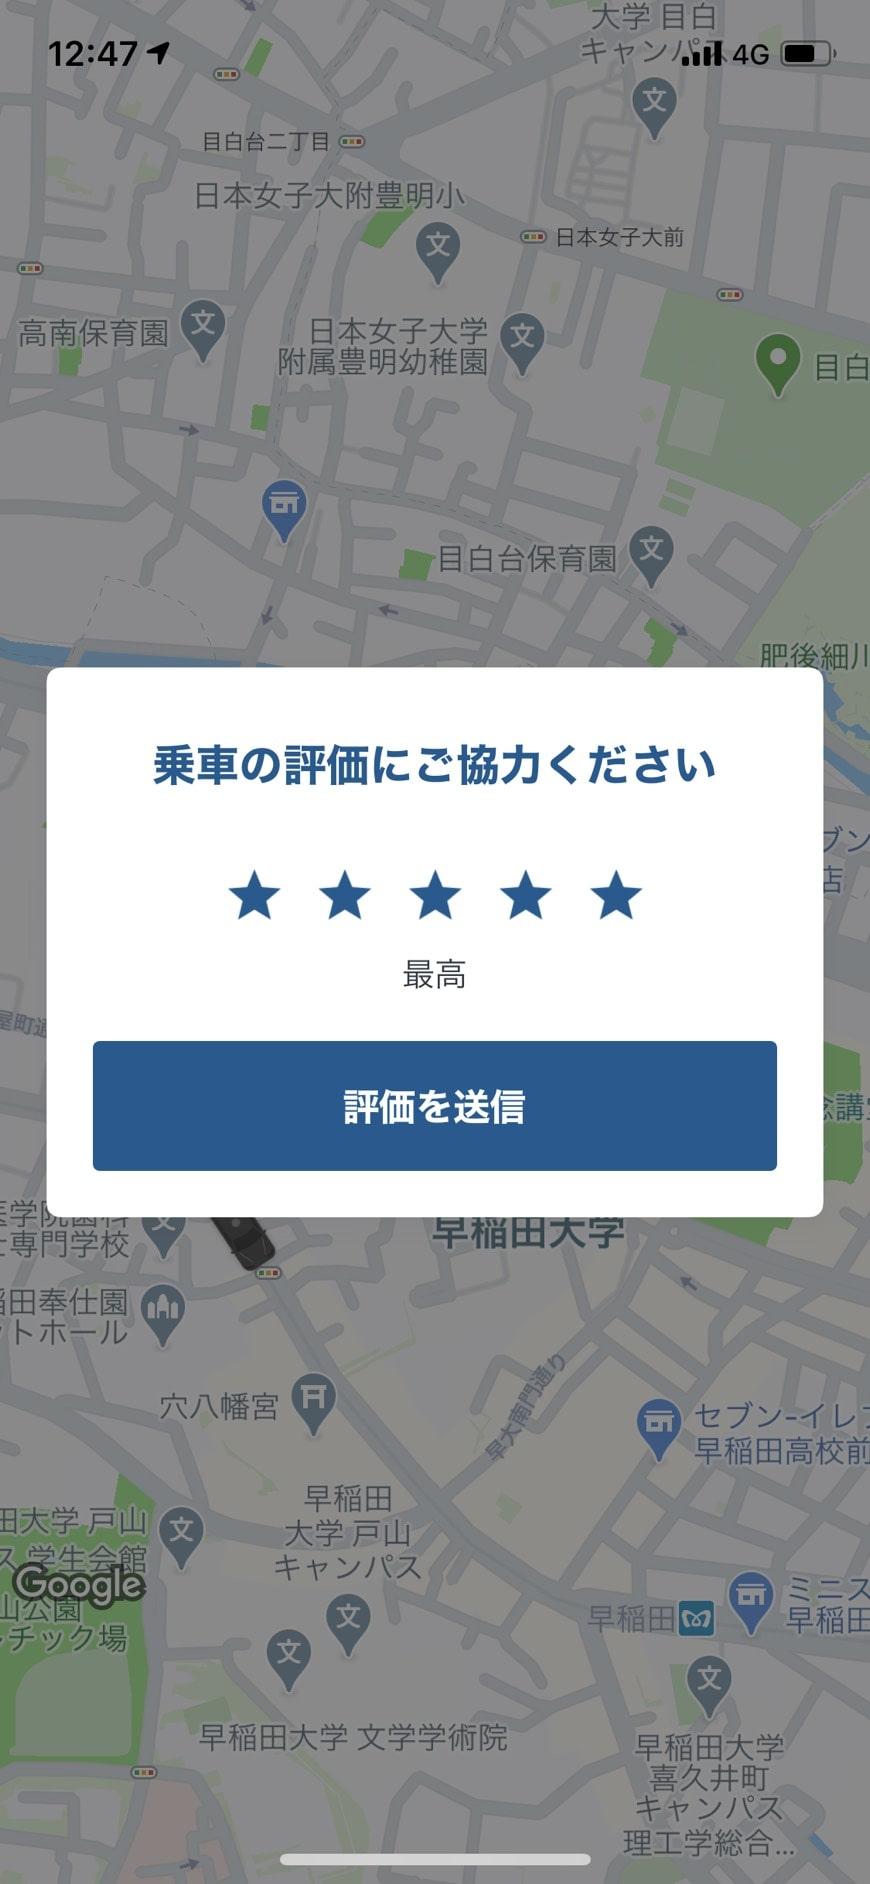 MOVタクシードライバーの評価を行う